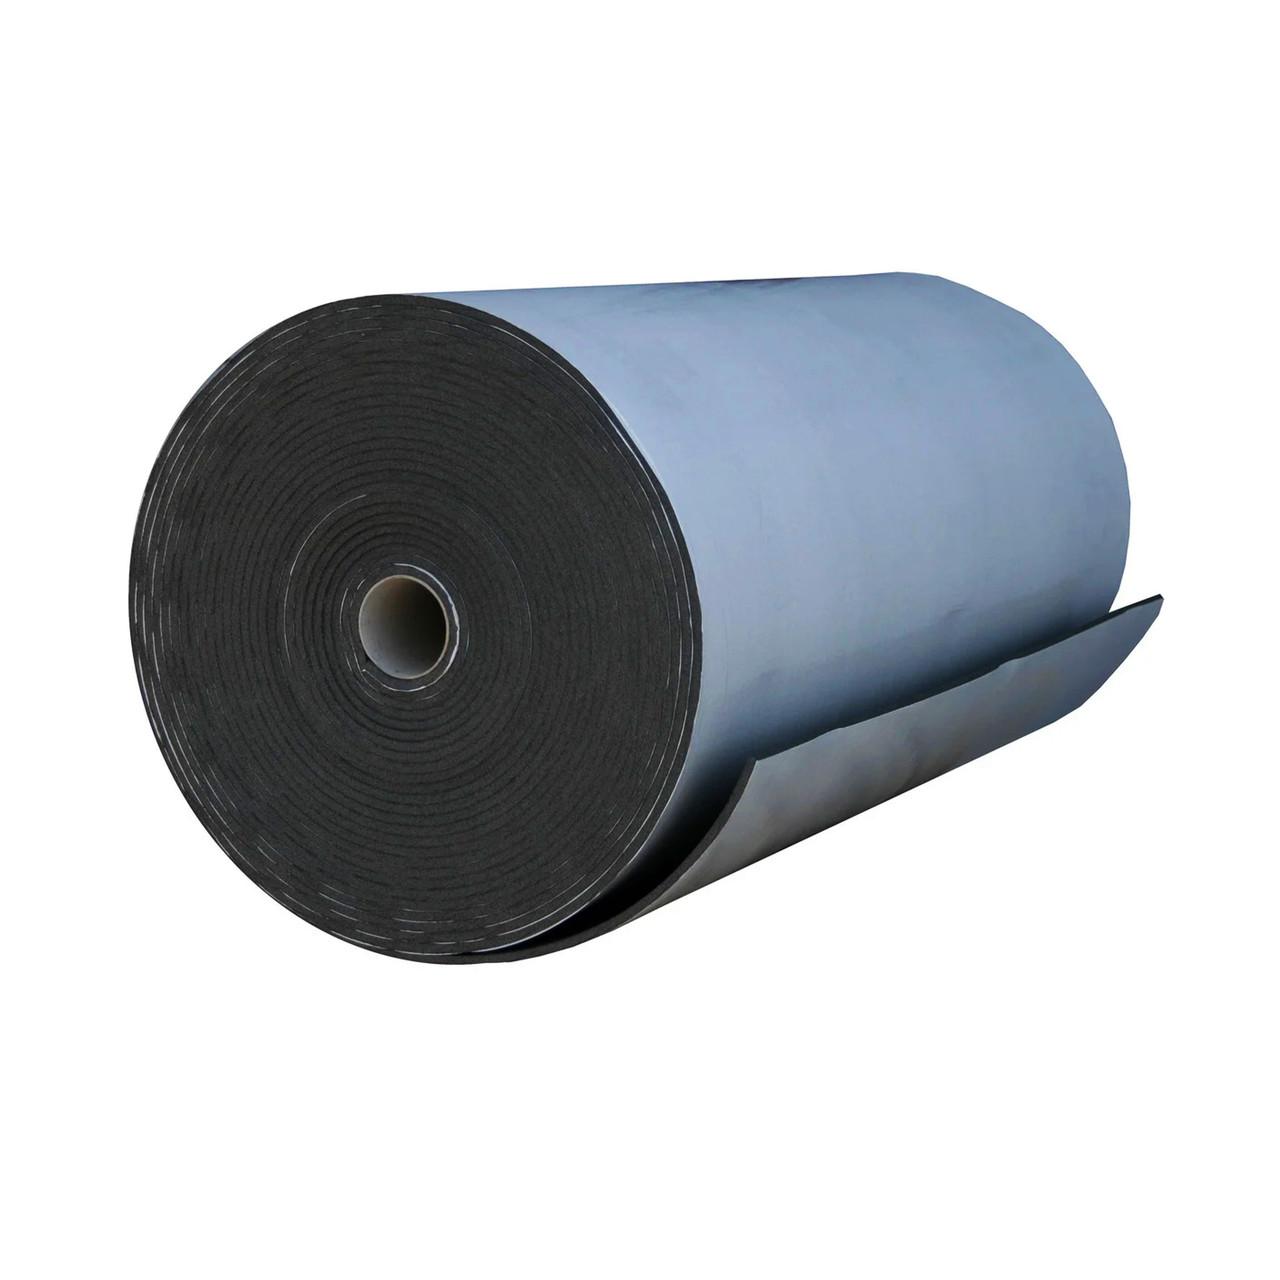 Хімічно зшитий самоклеючий поліетилен 10мм, пл. 33кг\м3